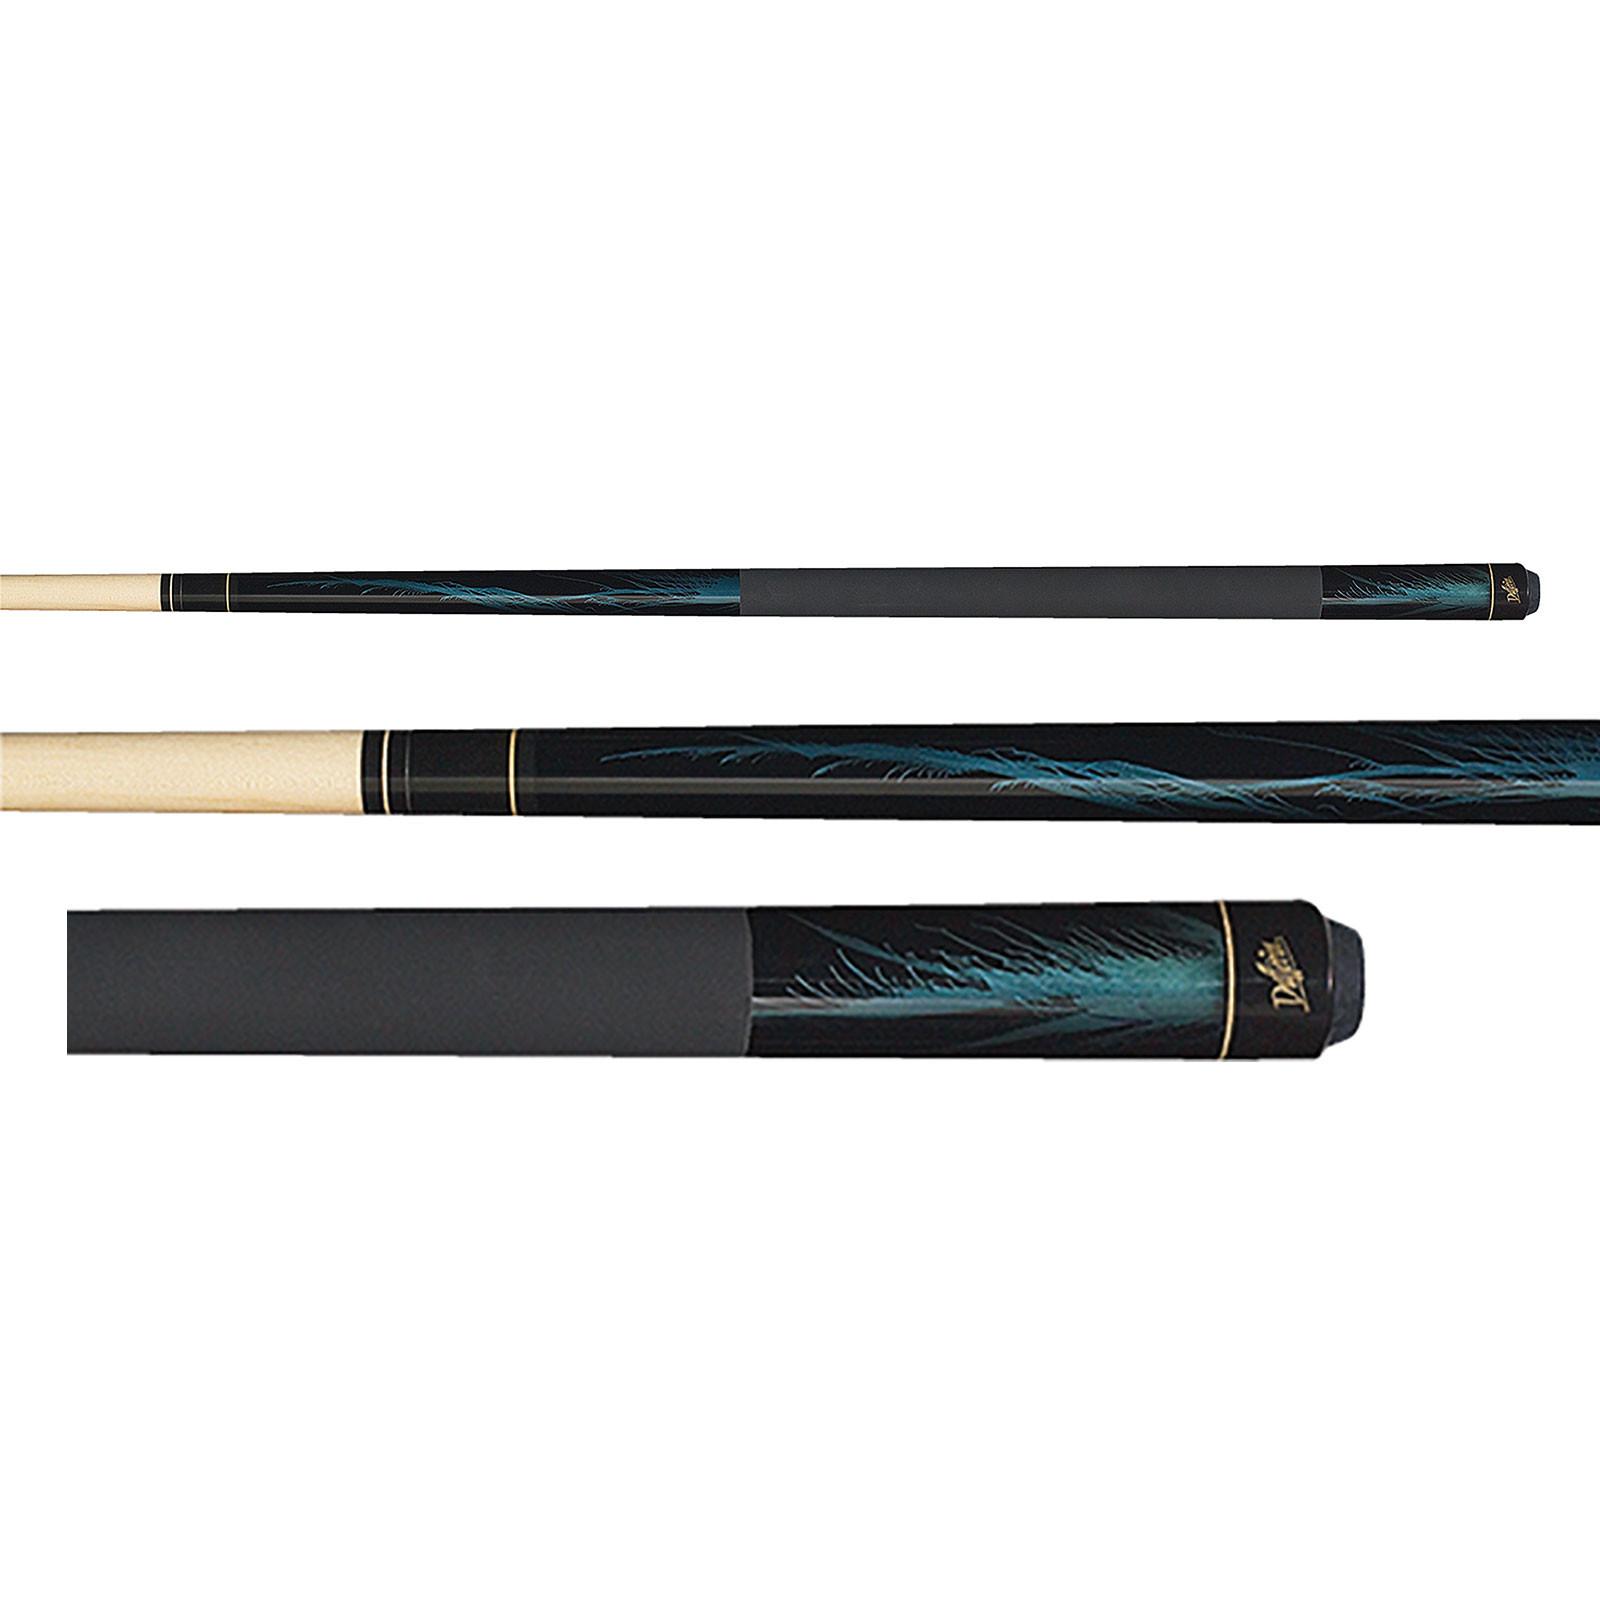 Dufferin D-211 Blue Flame Pool Cue Stick